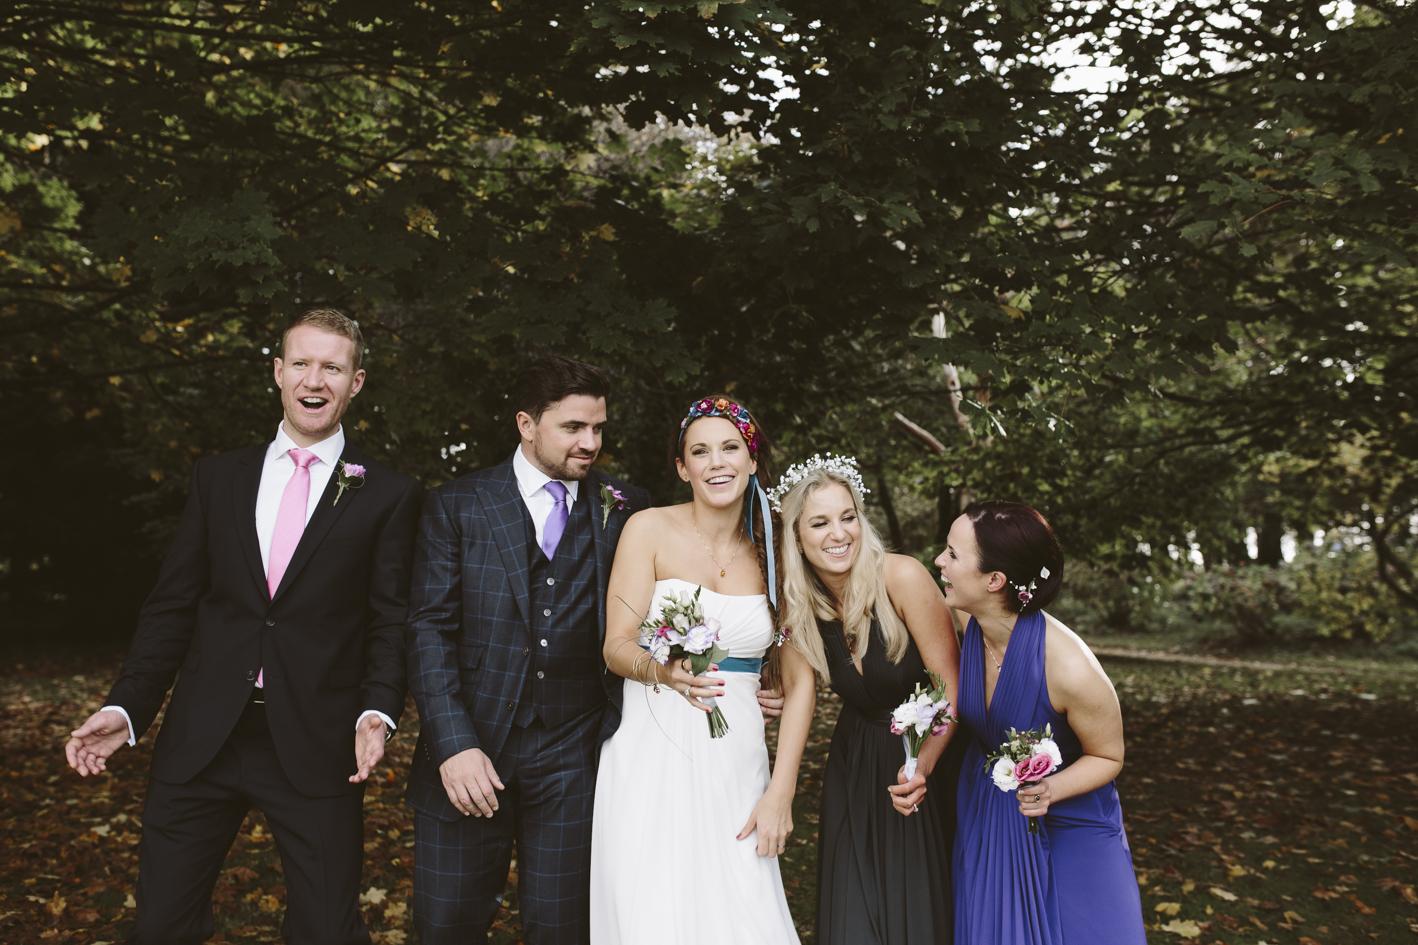 Wedding photographer Ireland Graciela Vilagudin 833.jpg